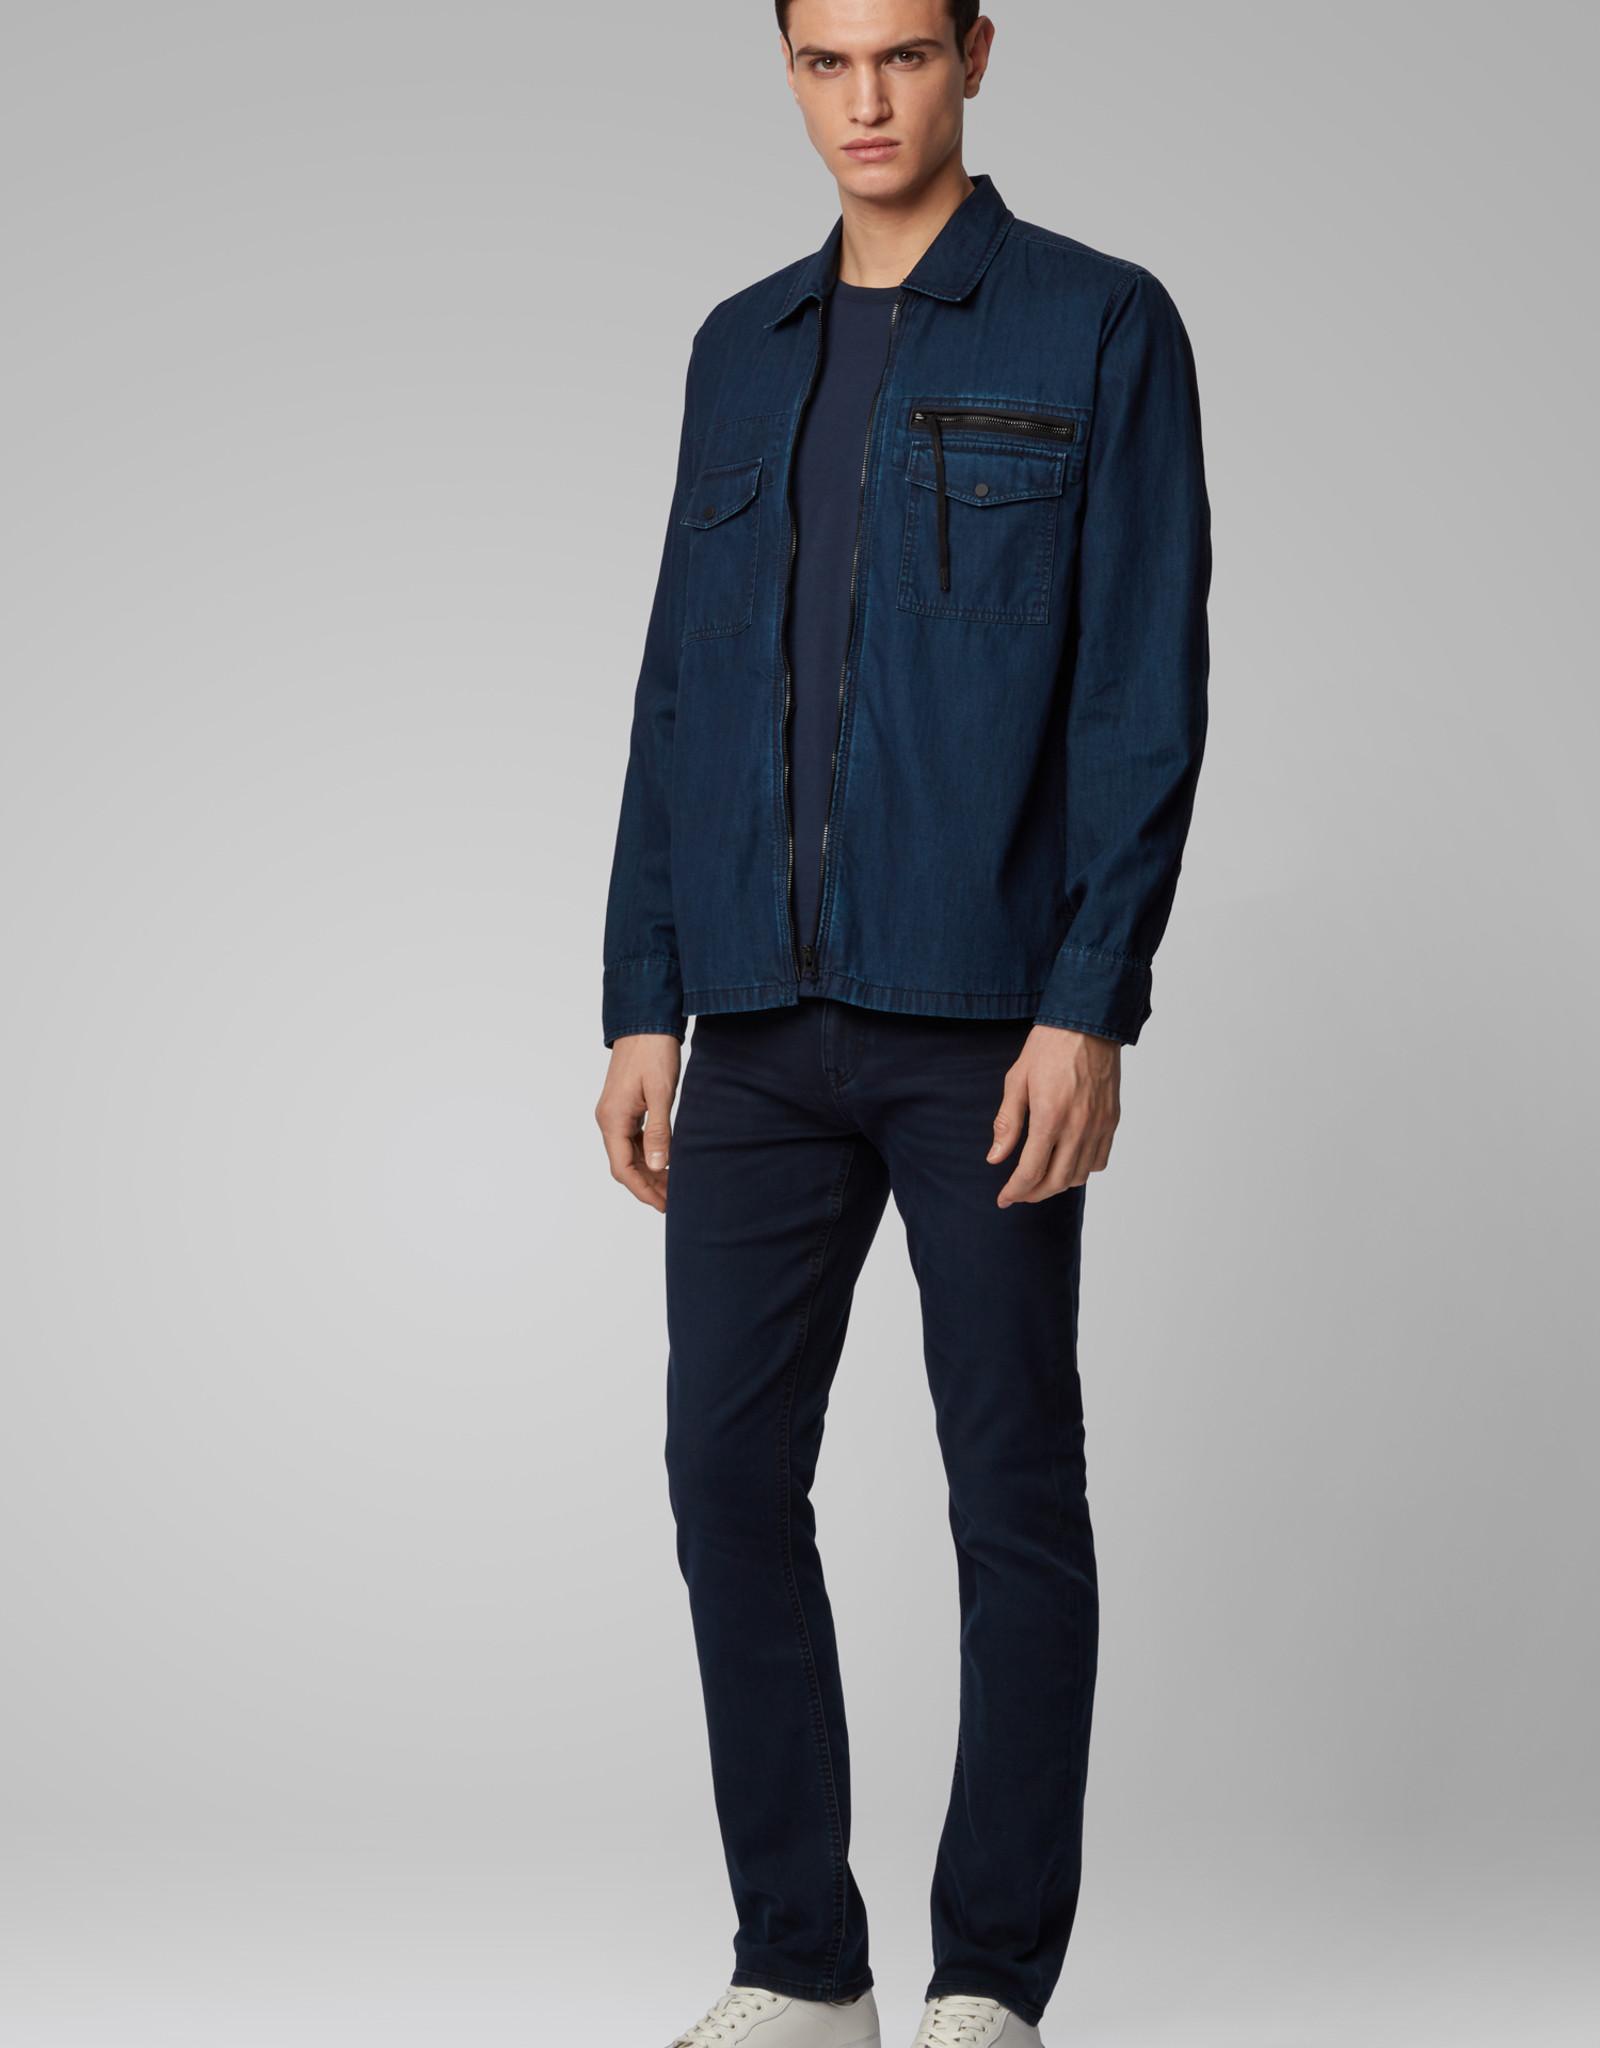 Boss Men Casual jeans donkerblauw jersey